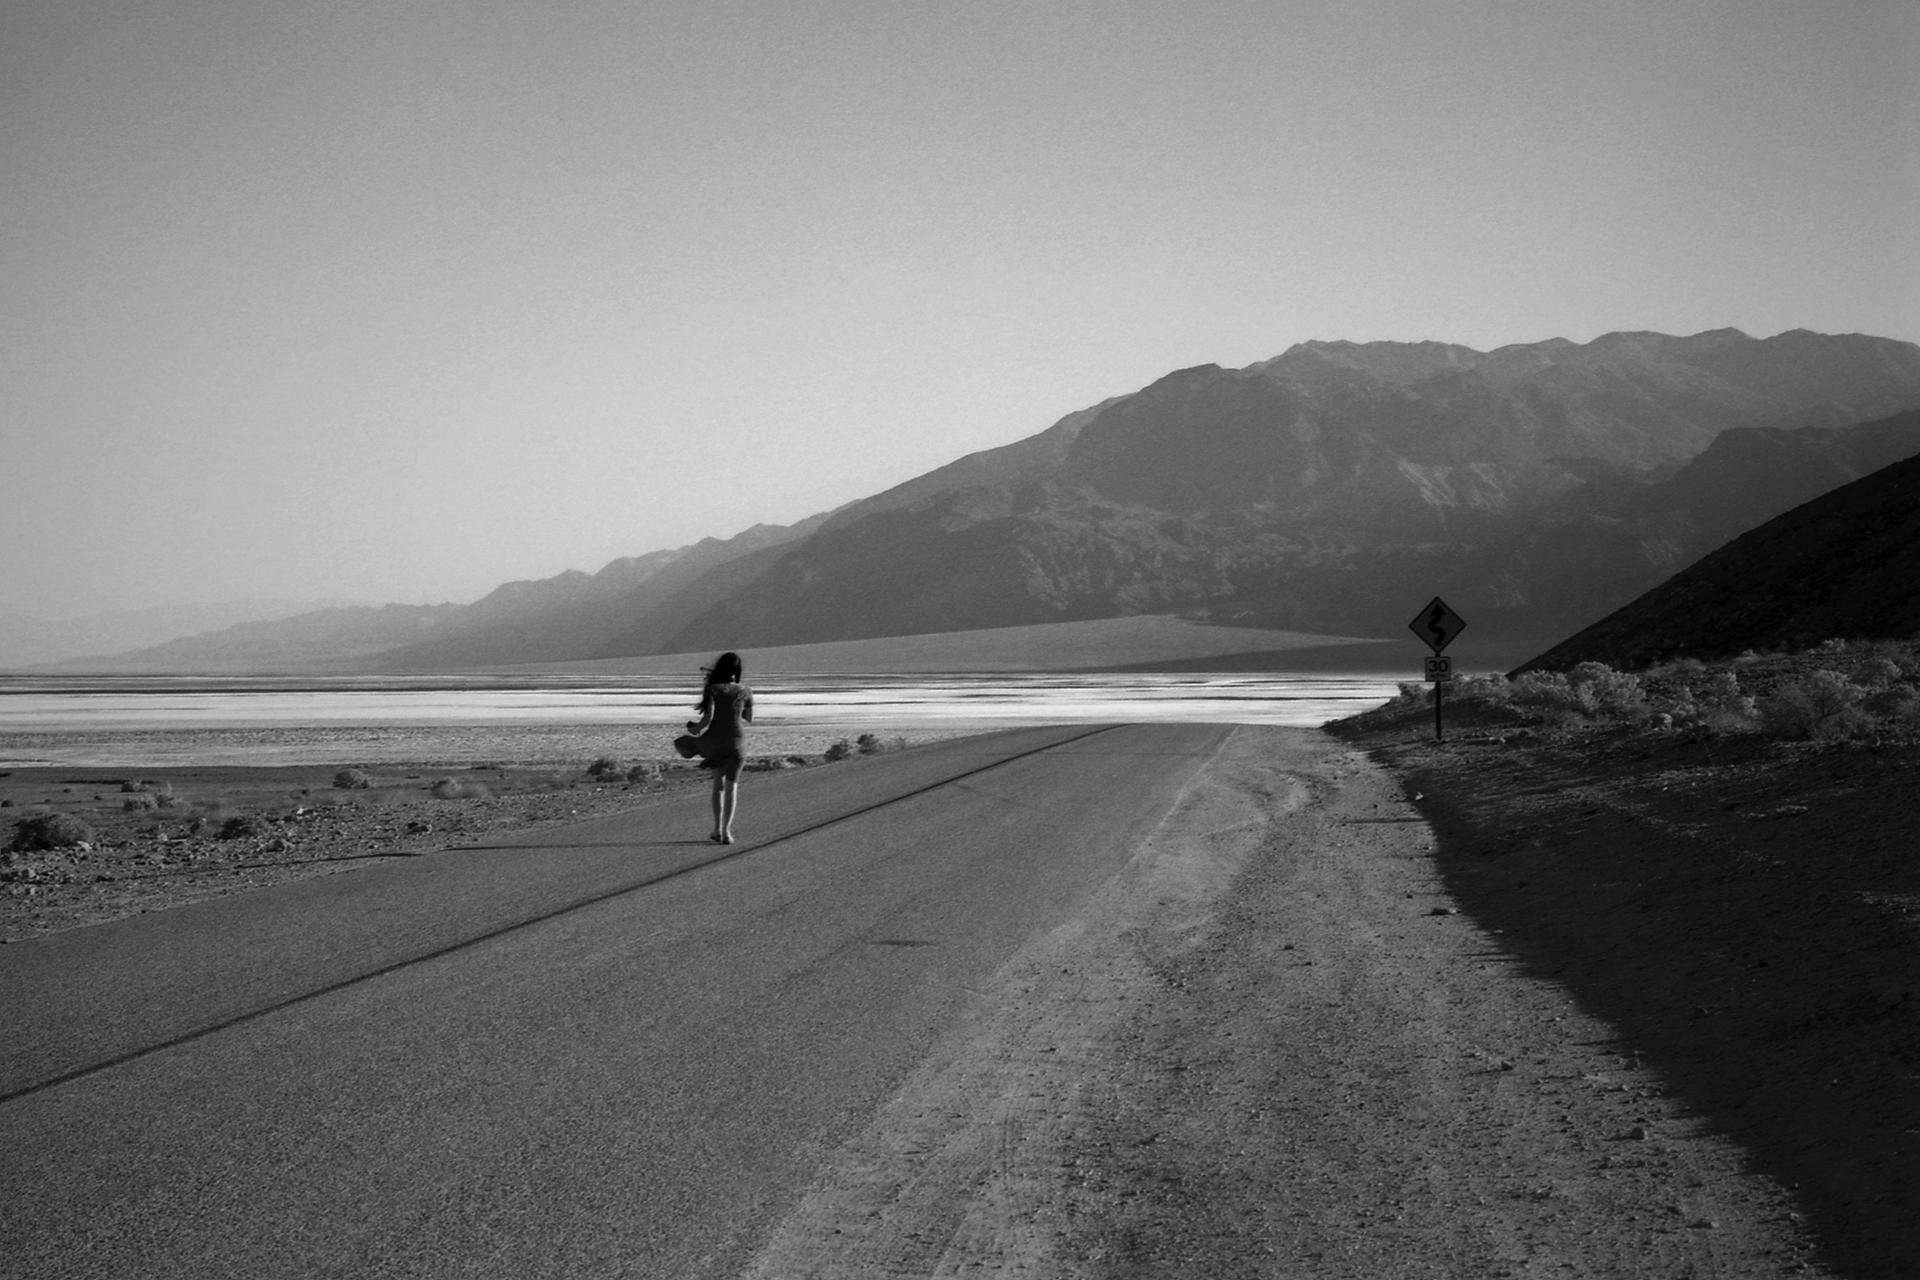 Death Valley, Mormon Point, 6H du matin